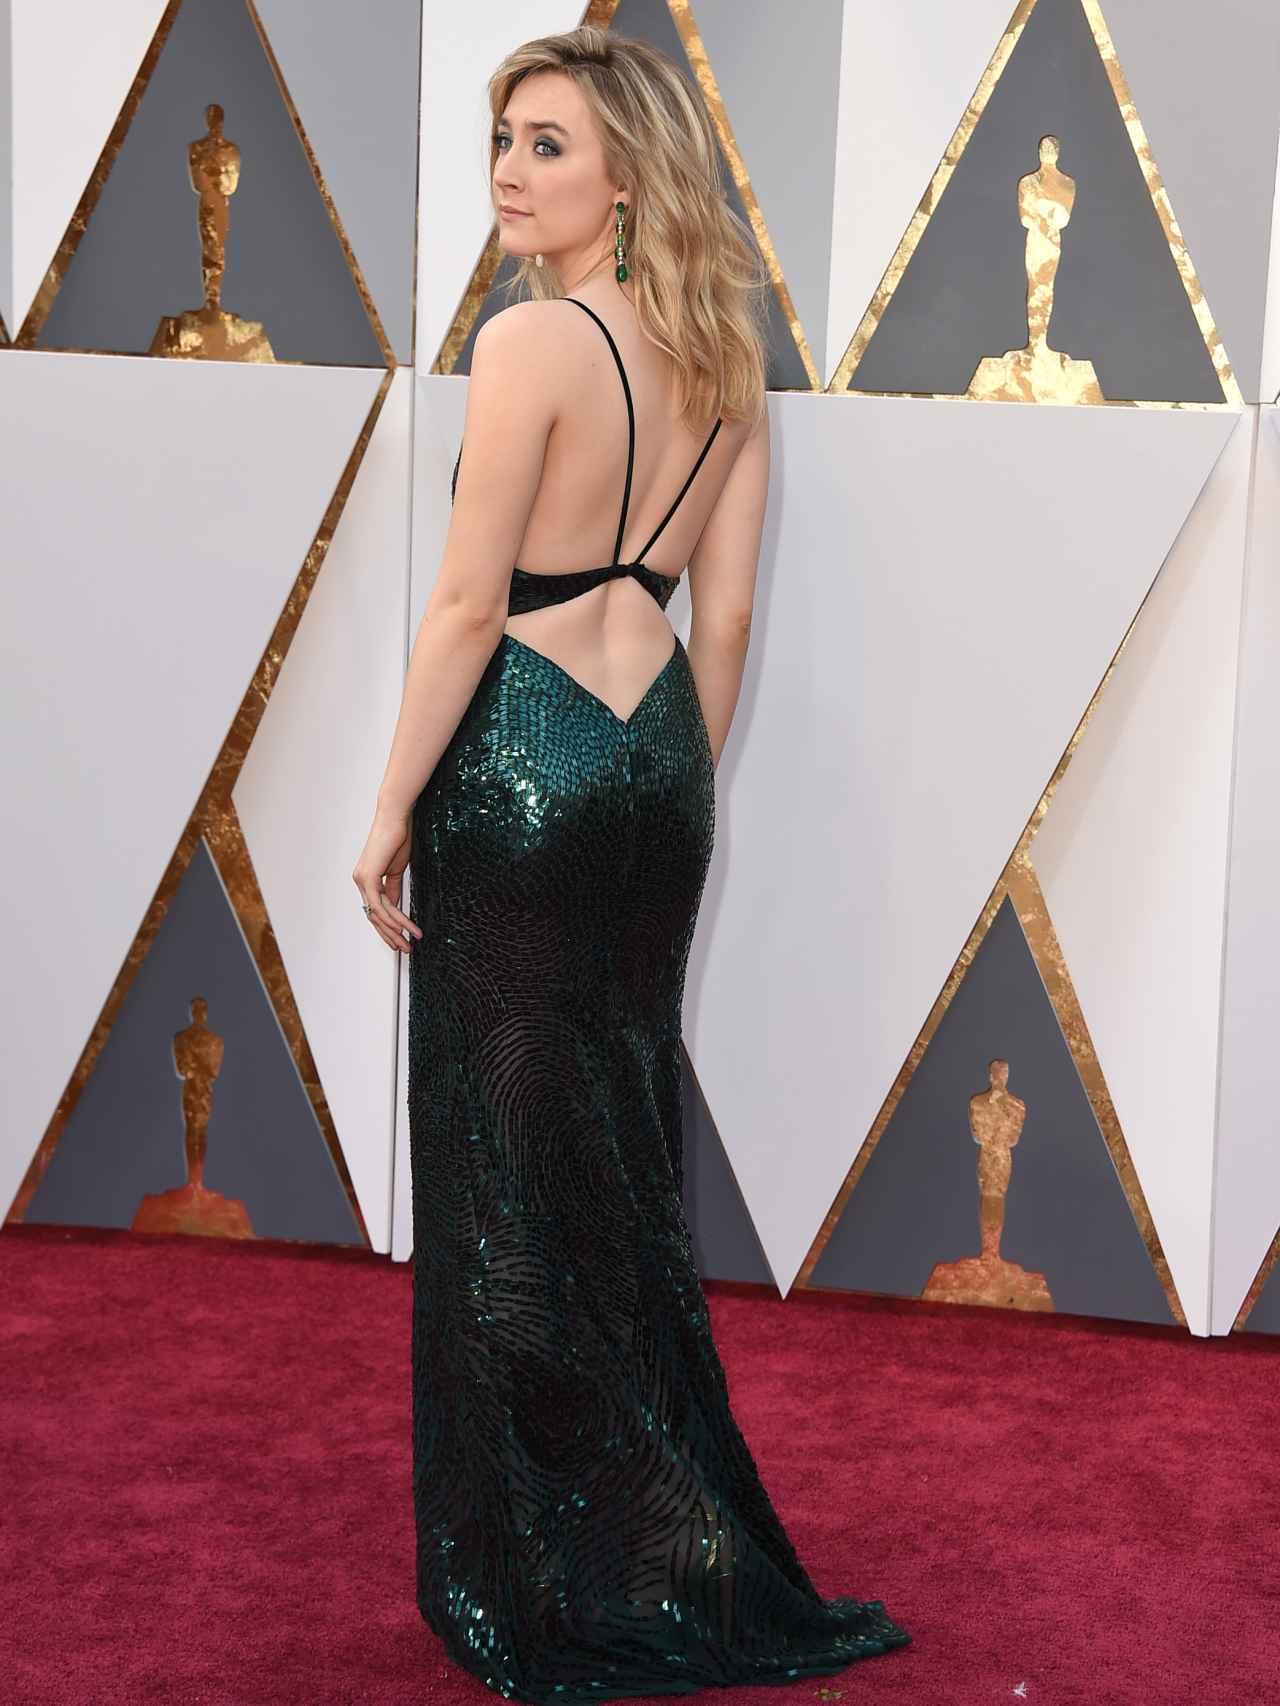 La espalda del vestido esta causando sensación en las redes sociales